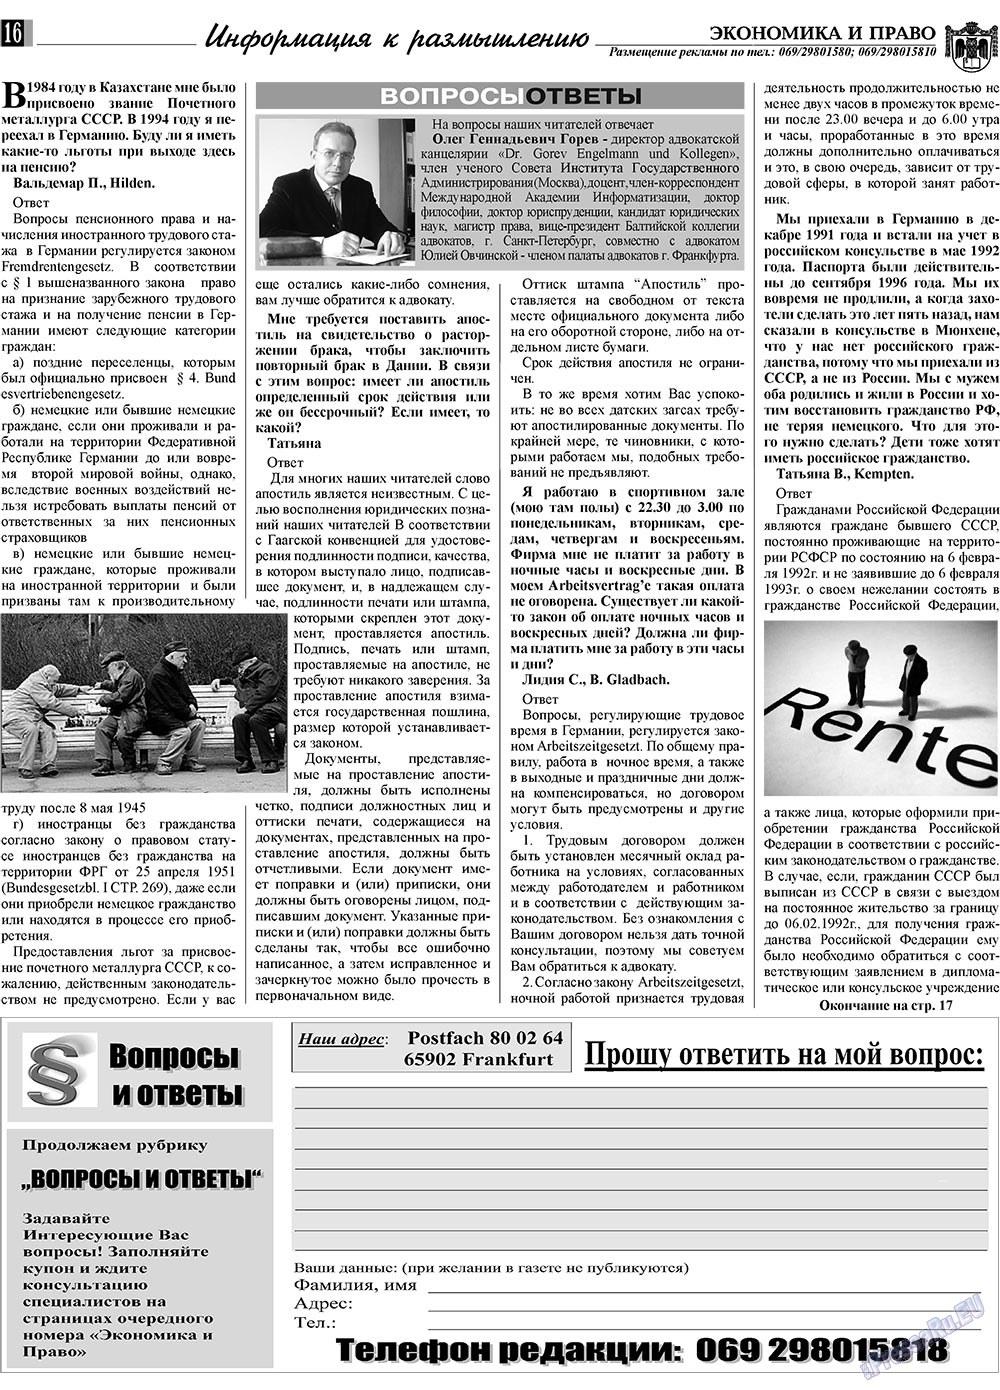 Экономика и право (газета). 2009 год, номер 3, стр. 16